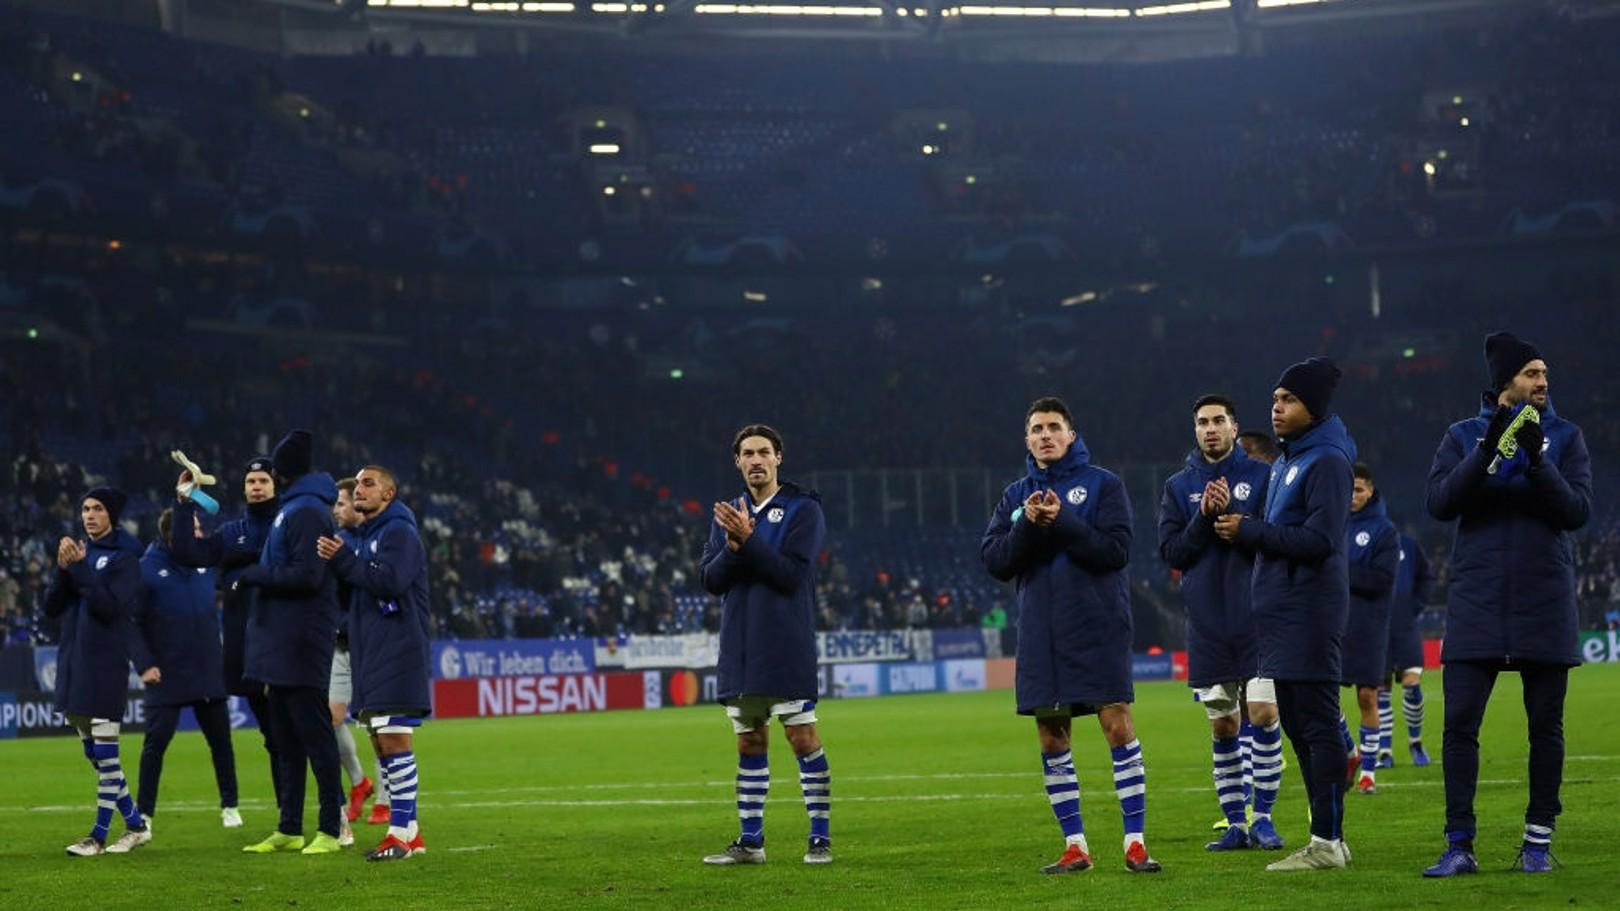 Los jugadores del Schalke 04 saludan a sus aficionados tras vencer al Lokomotiv.